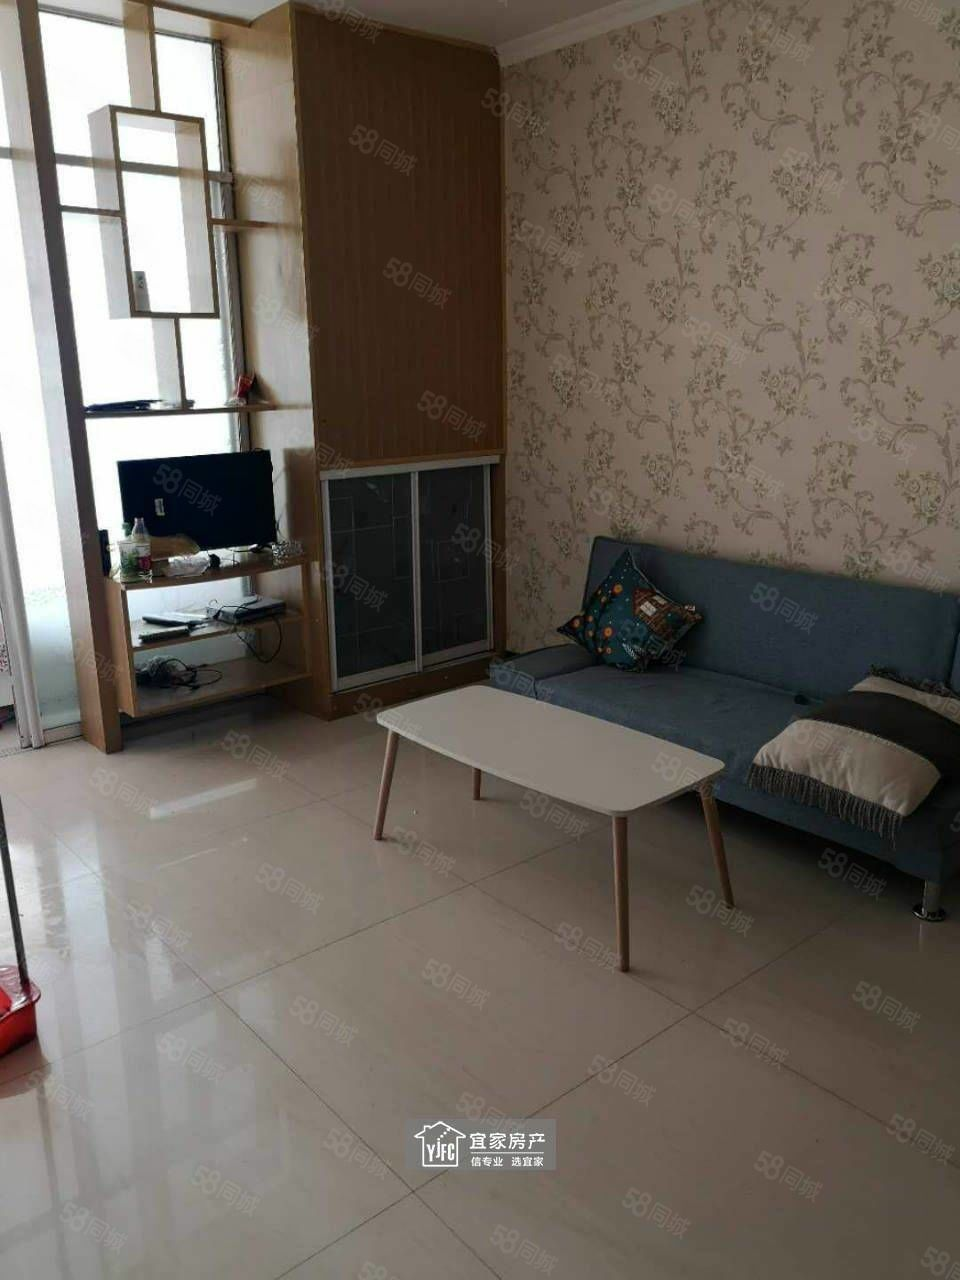 龙翔公寓精装修一室一厅家电齐全一年一万